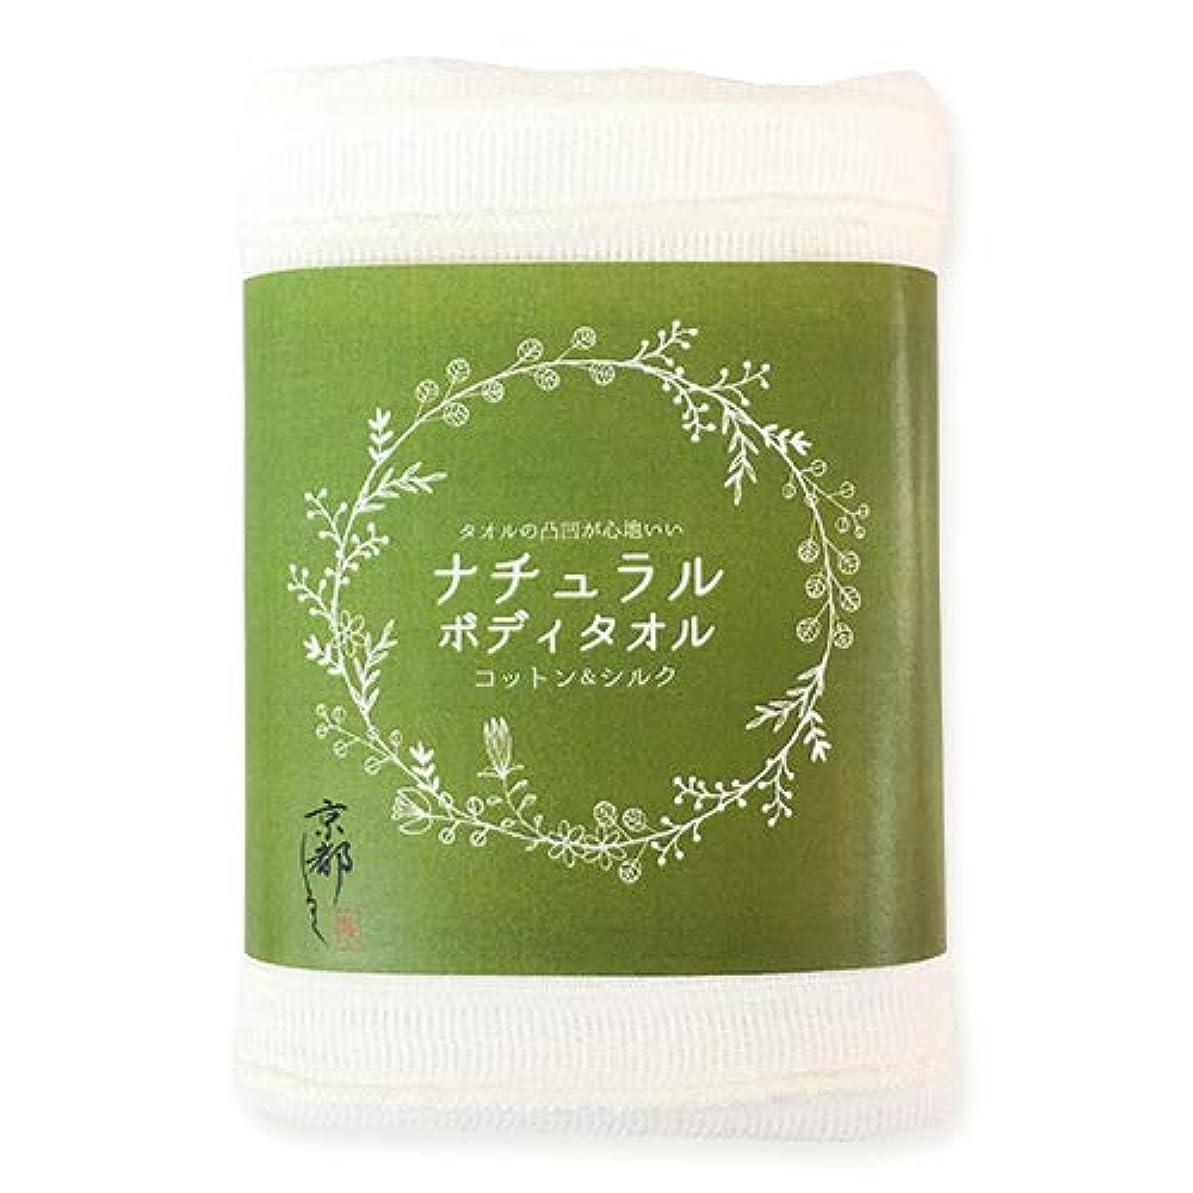 京都しるく【天然シルク×コットンのボディタオル】浴用 / 毛髪の30倍も細い極細シルク繊維とコットンでお肌を磨く ニキビ ざらつき うぶ毛の気になる方にも最適 かかとキレイ